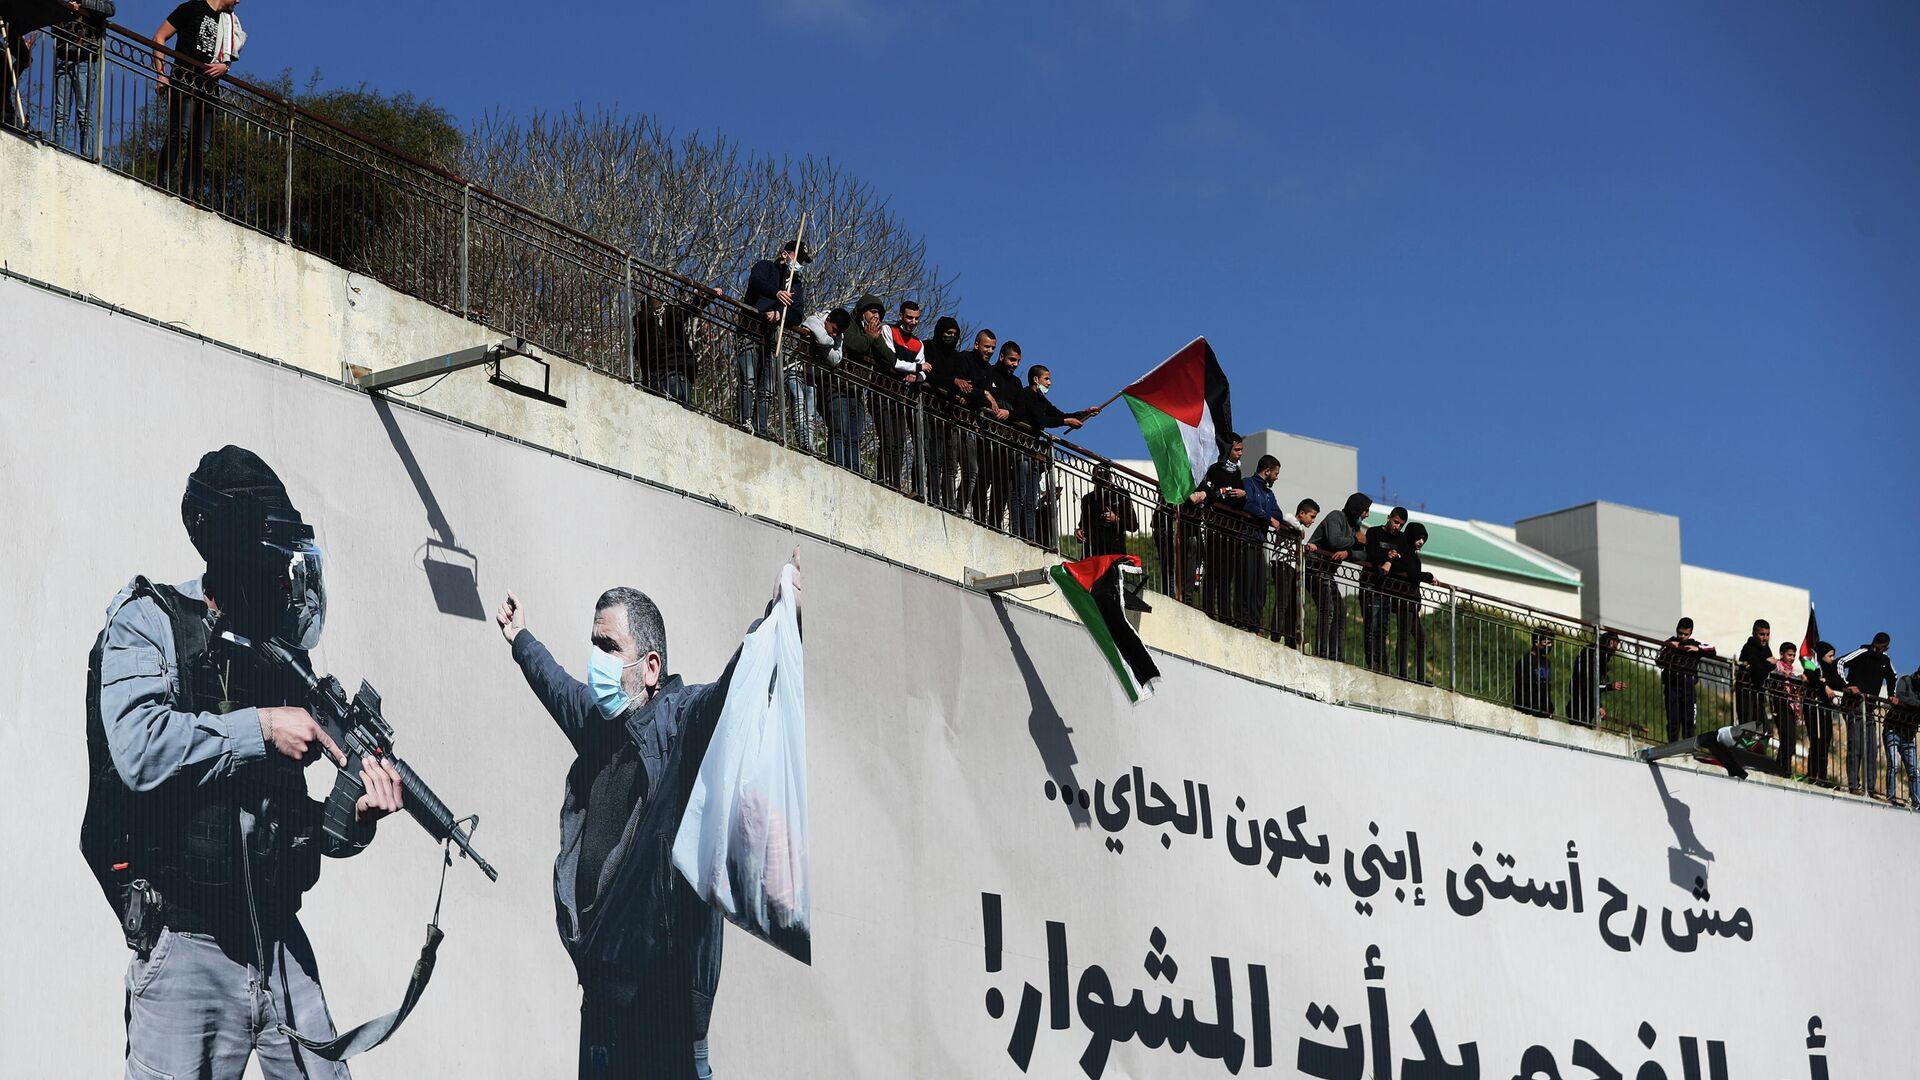 Los árabes israelíes protestan en Umm al Fahem, una ciudad norteña israeilí, contra violencia policial el 5 de marzo de 2021 - Sputnik Mundo, 1920, 10.03.2021